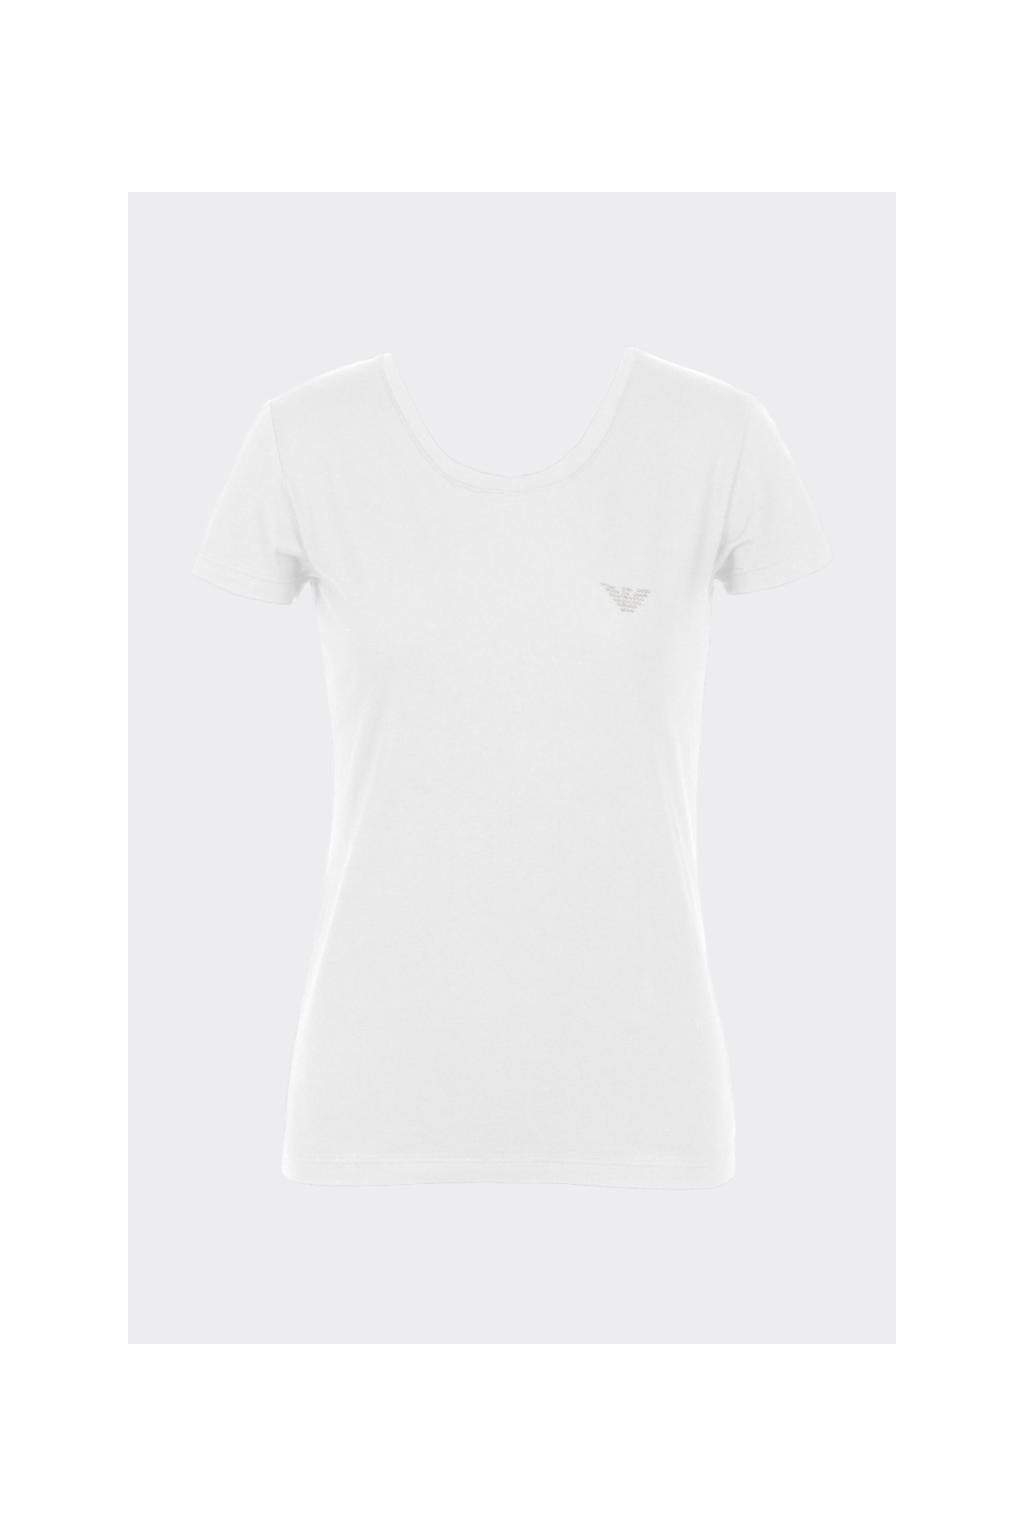 Emporio Armani dámské tričko Iconic Cotton - bílé